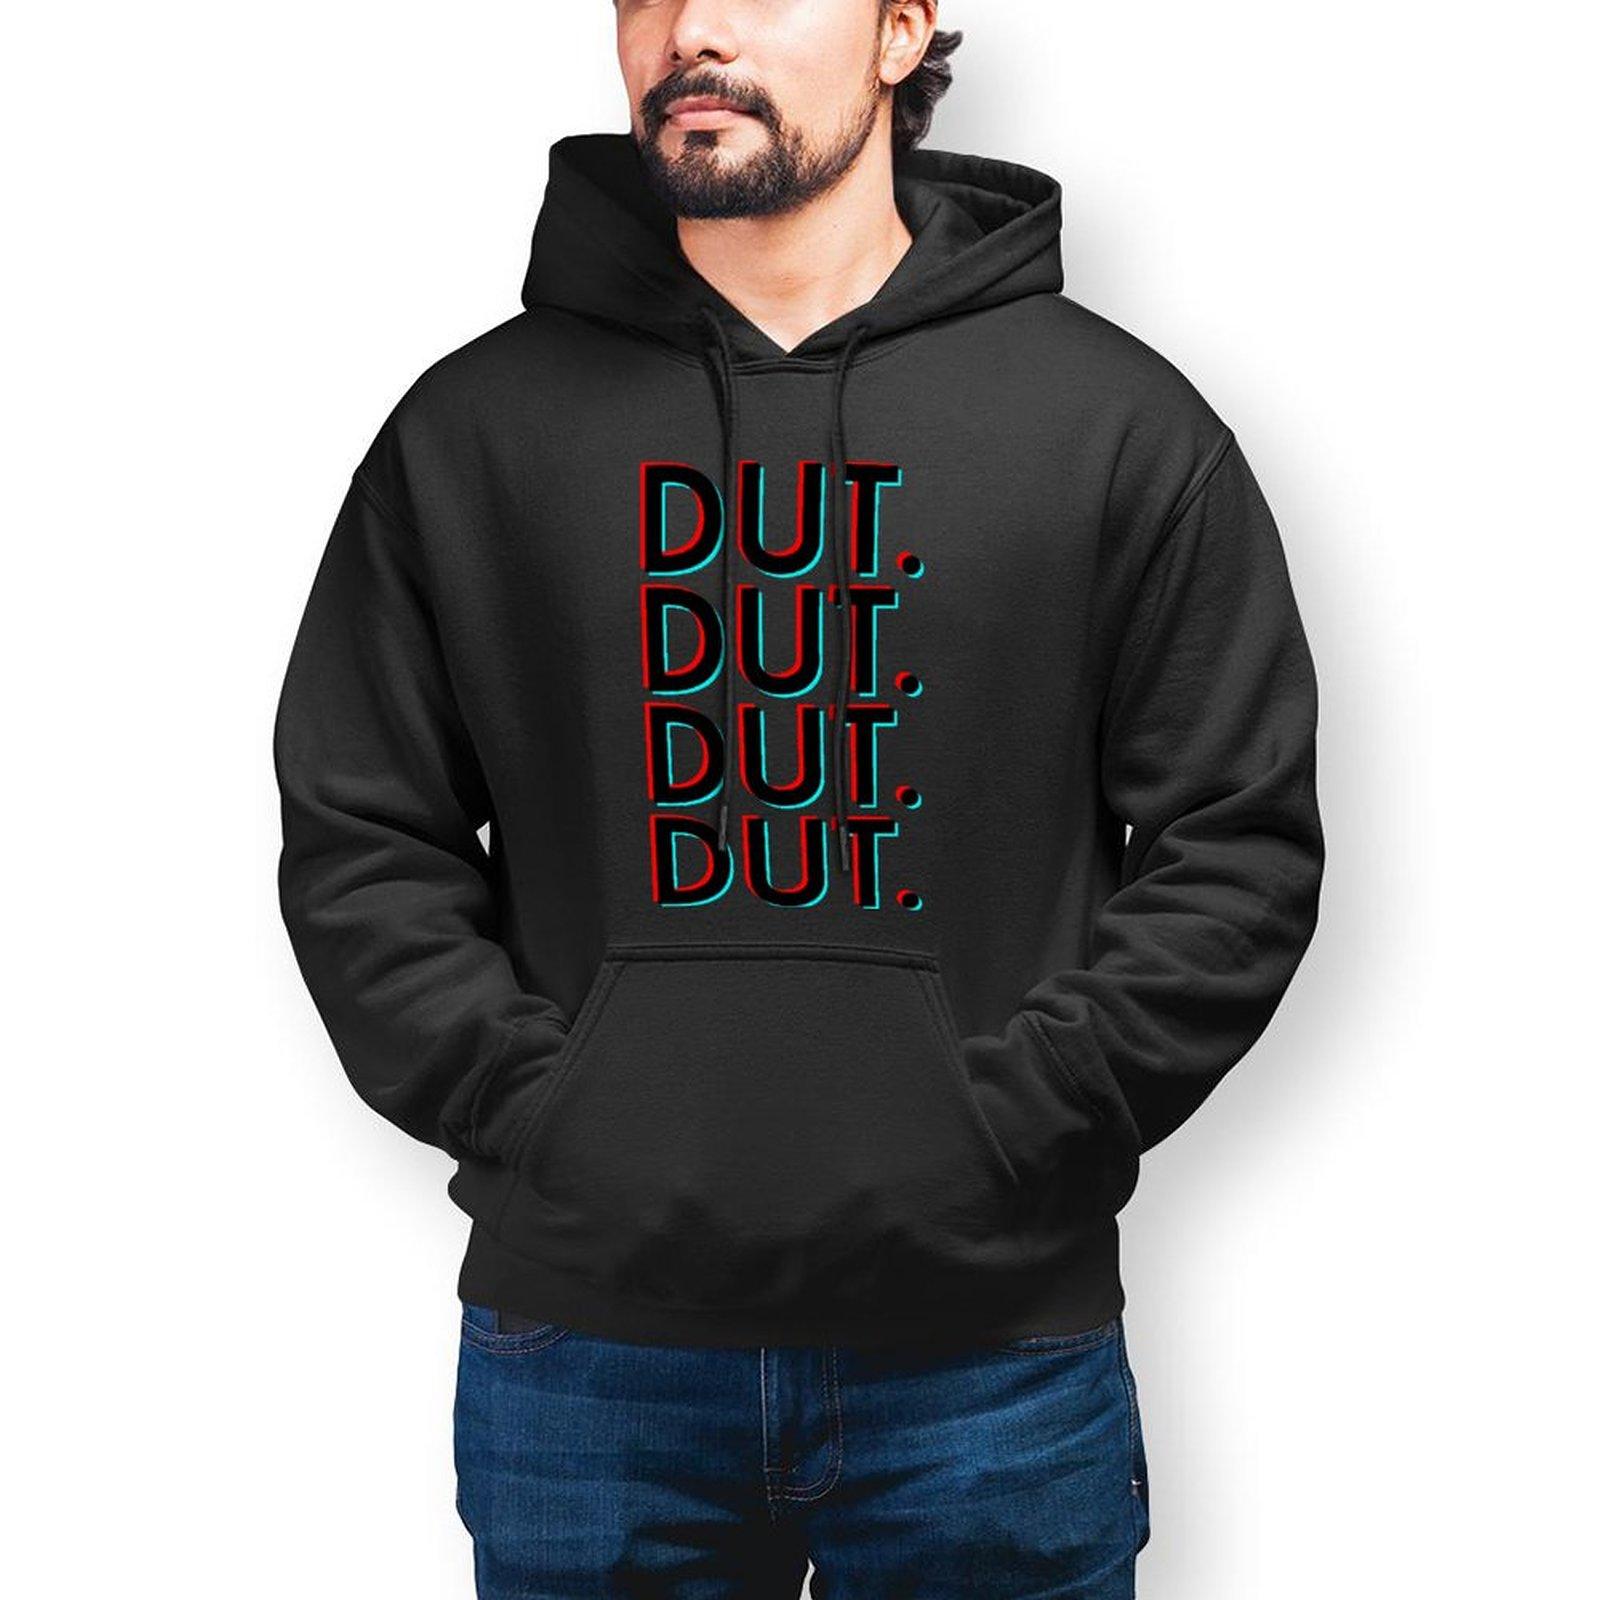 Толстовка с логотипом группы крутая хлопковая толстовка с длинным рукавом мужская зимняя уличная Толстовка пуловер с капюшоном XL